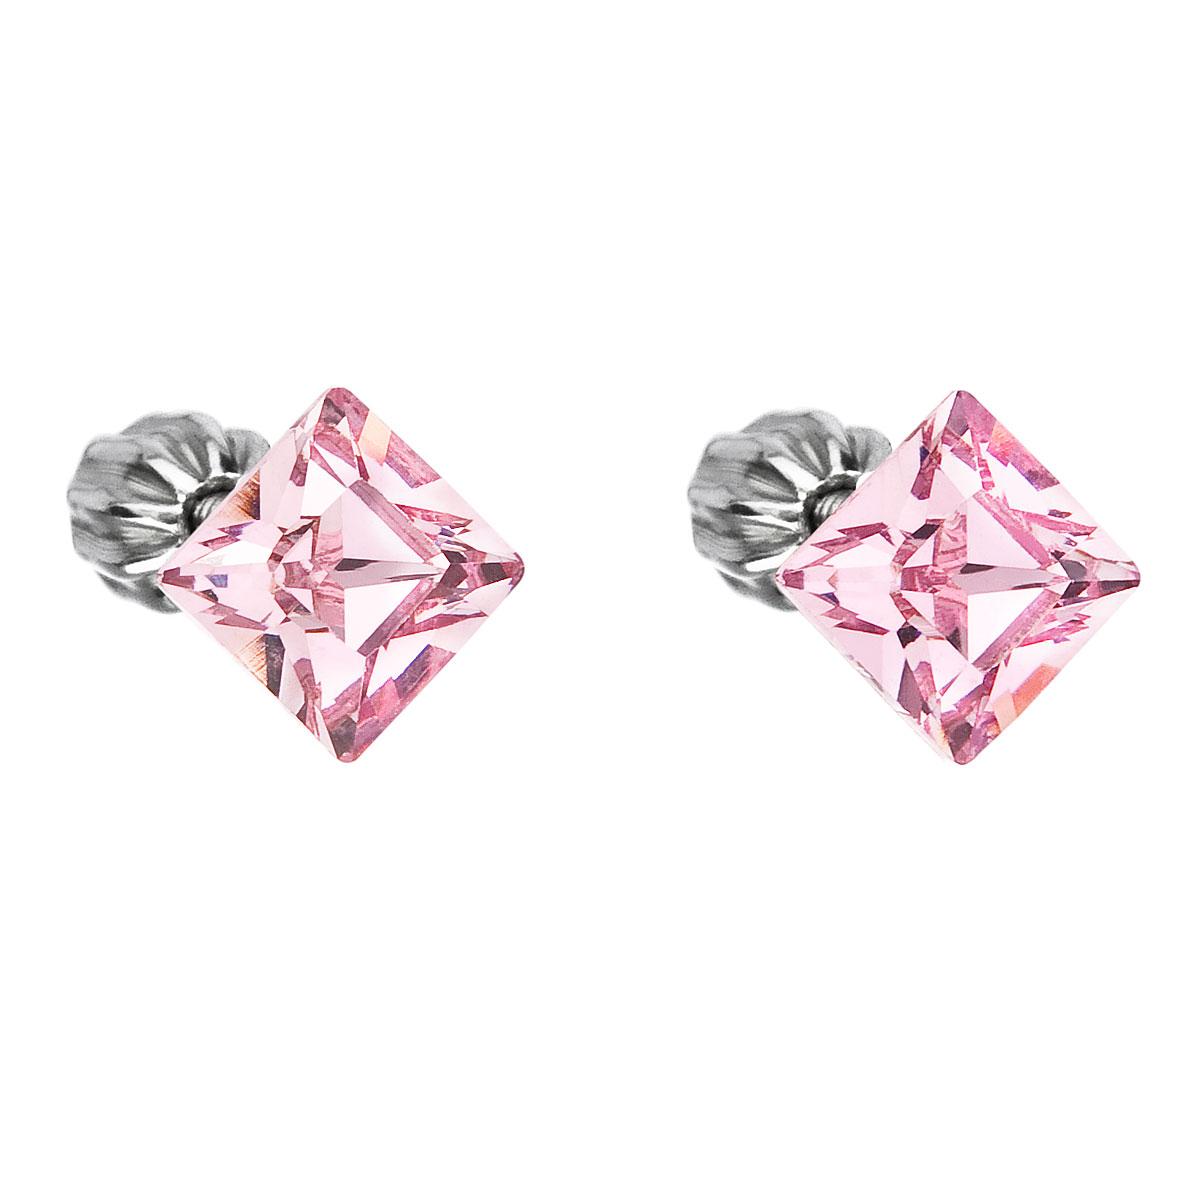 Evolution Group Stříbrné náušnice pecka s krystaly Swarovski růžový čtverec 31065.3